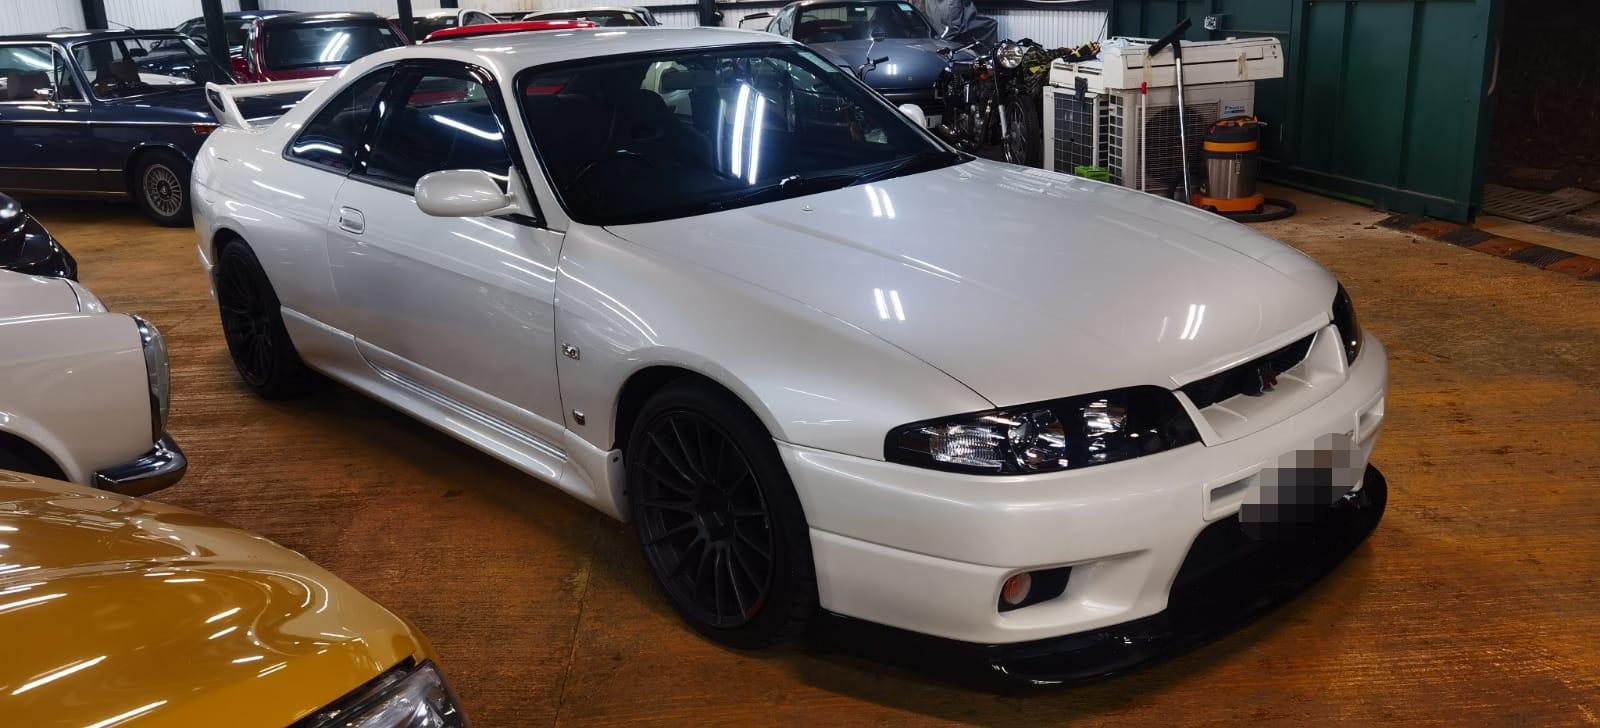 日產 Nissan GTR R33 VSPEC - Price.com.hk 汽車買賣平臺